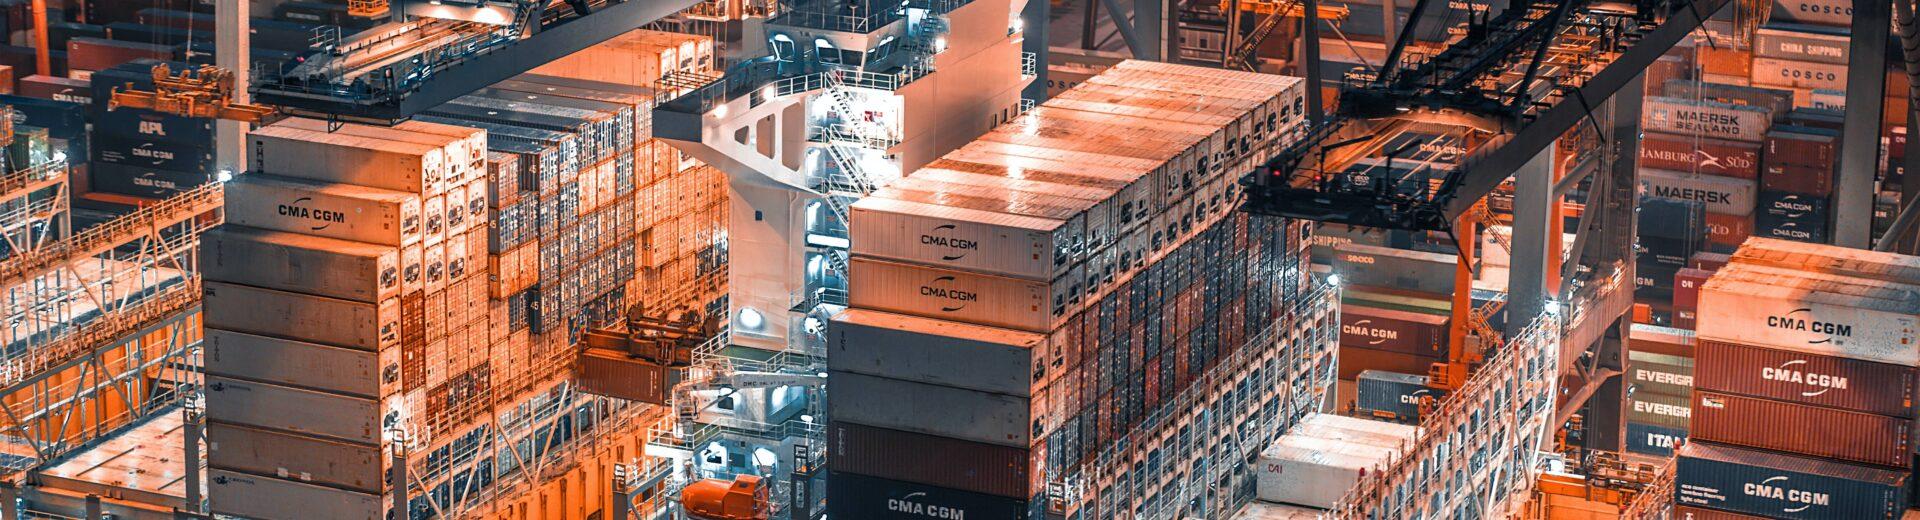 Hafen-Logistik